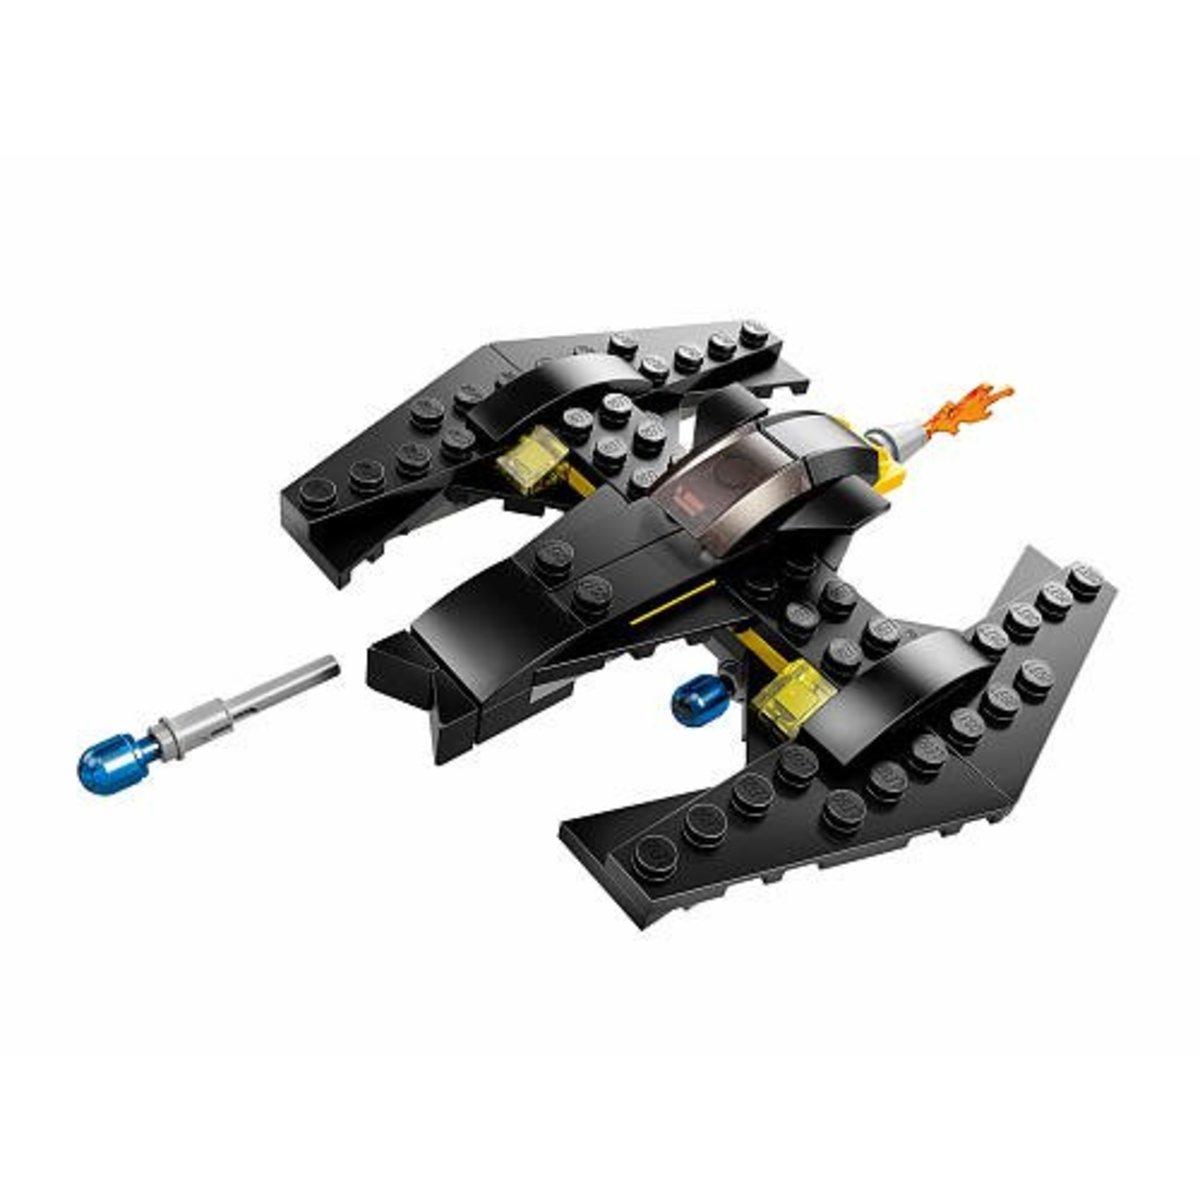 LEGO Batwing 30301 Assembled